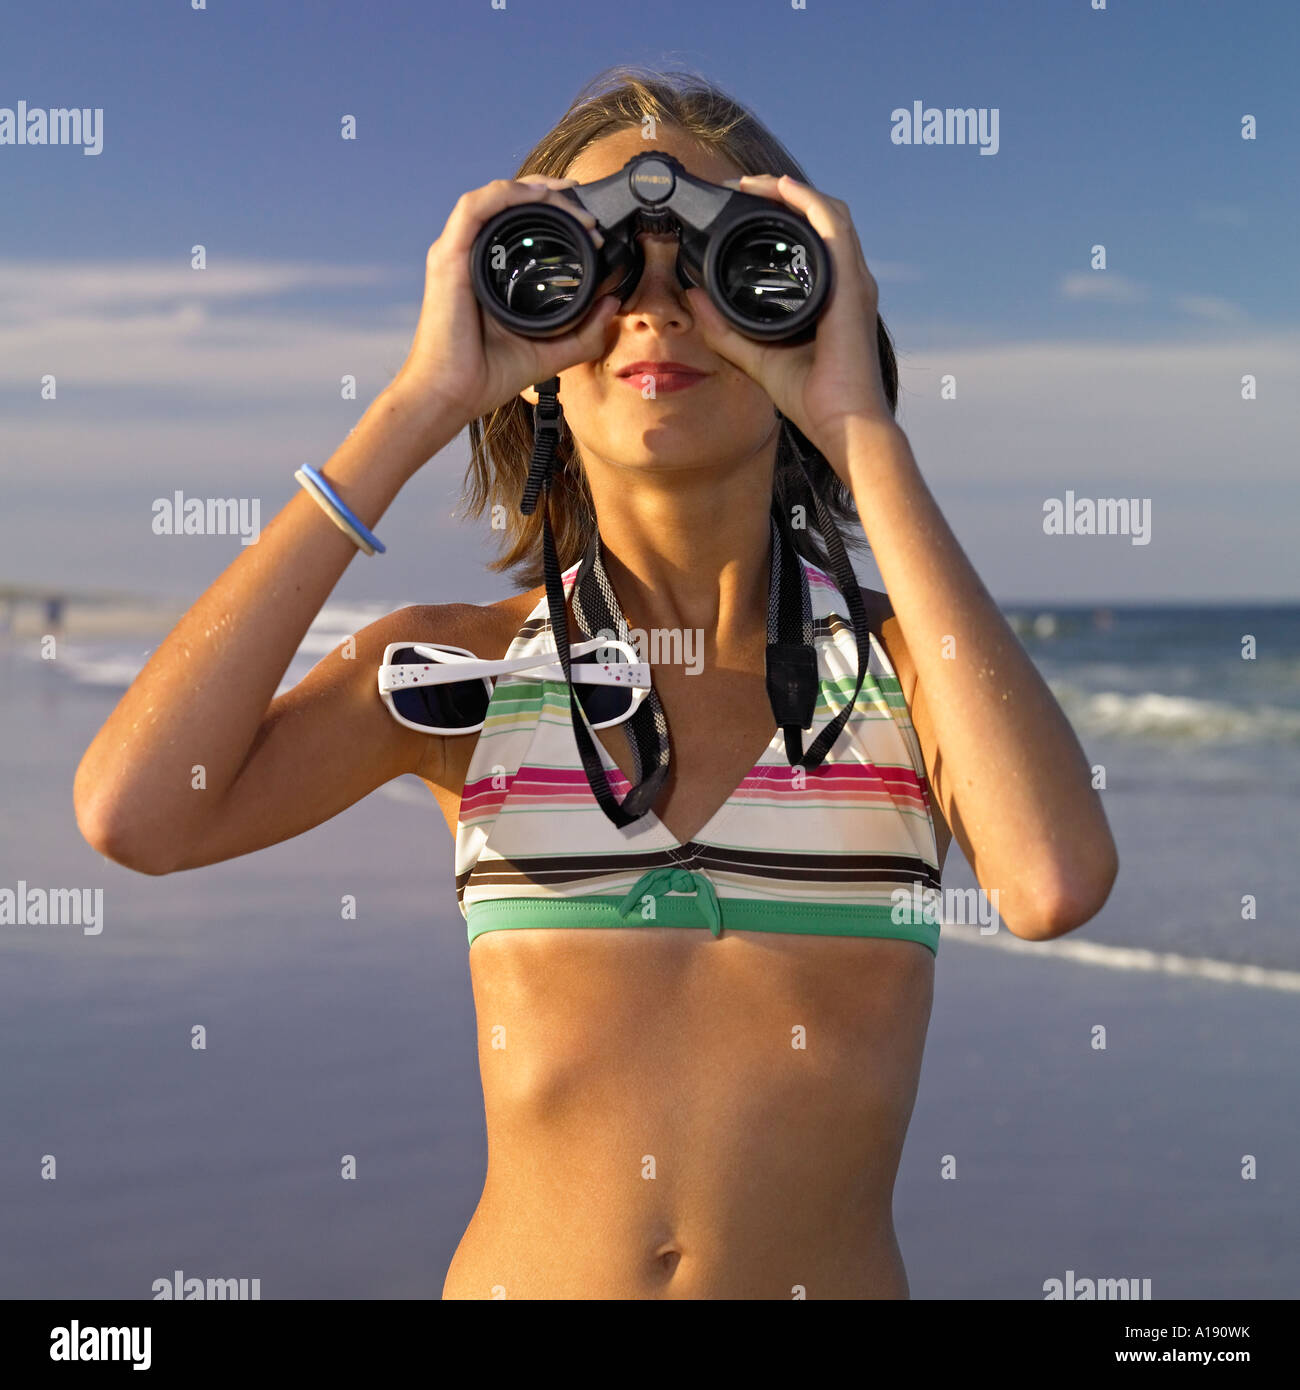 junges Mädchen in gestreiften Badeanzug am Strand, Blick durch ein Fernglas Stockbild